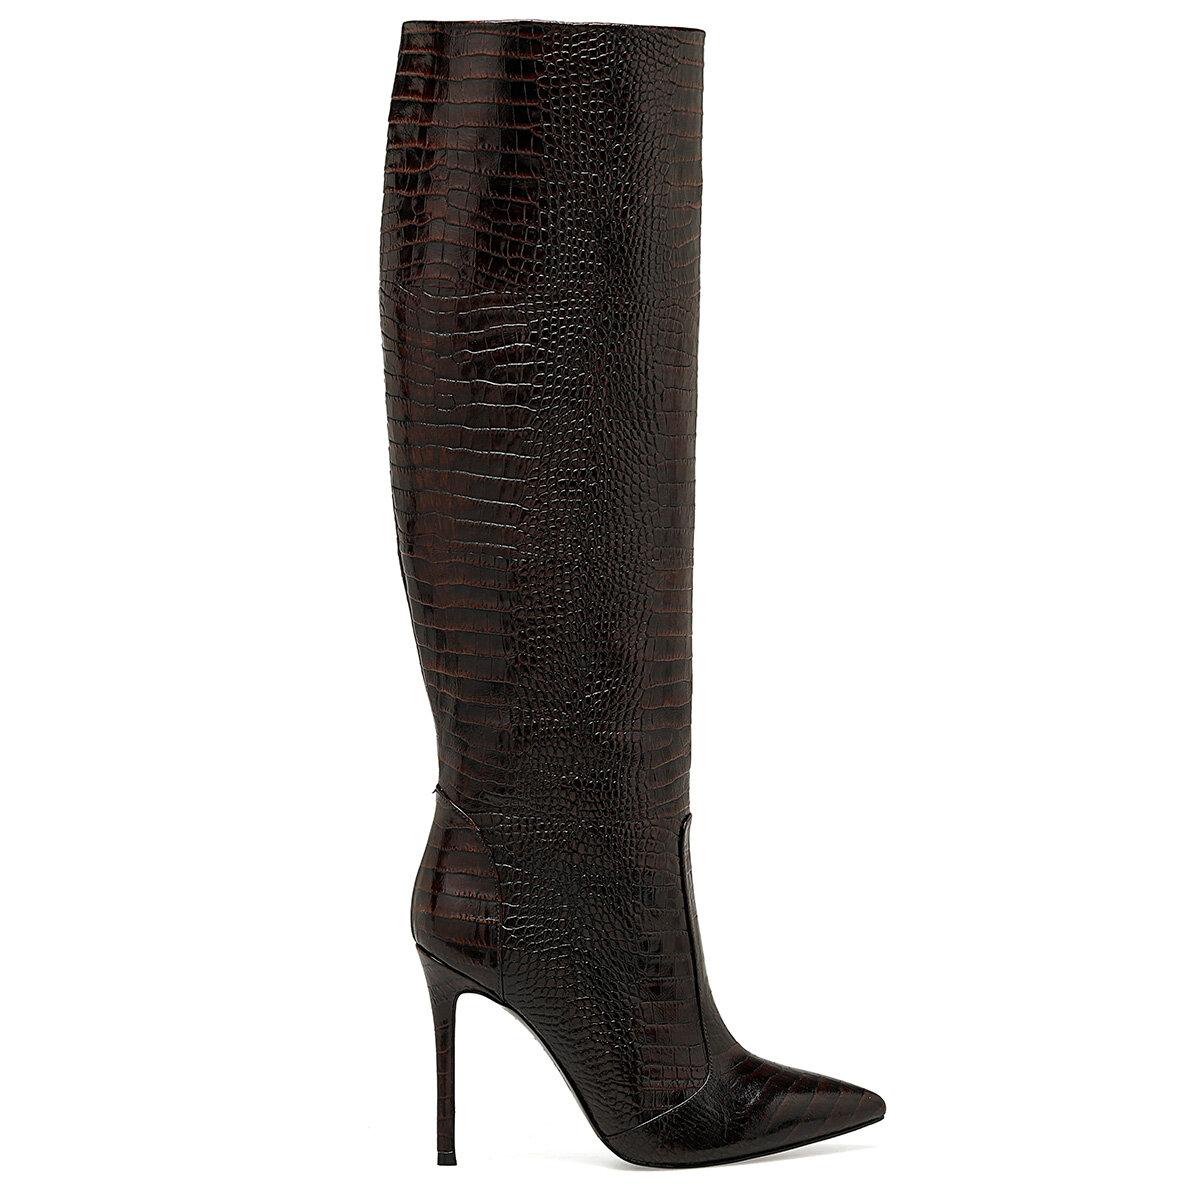 TERO Kahverengi Kadın Topuklu Çizme